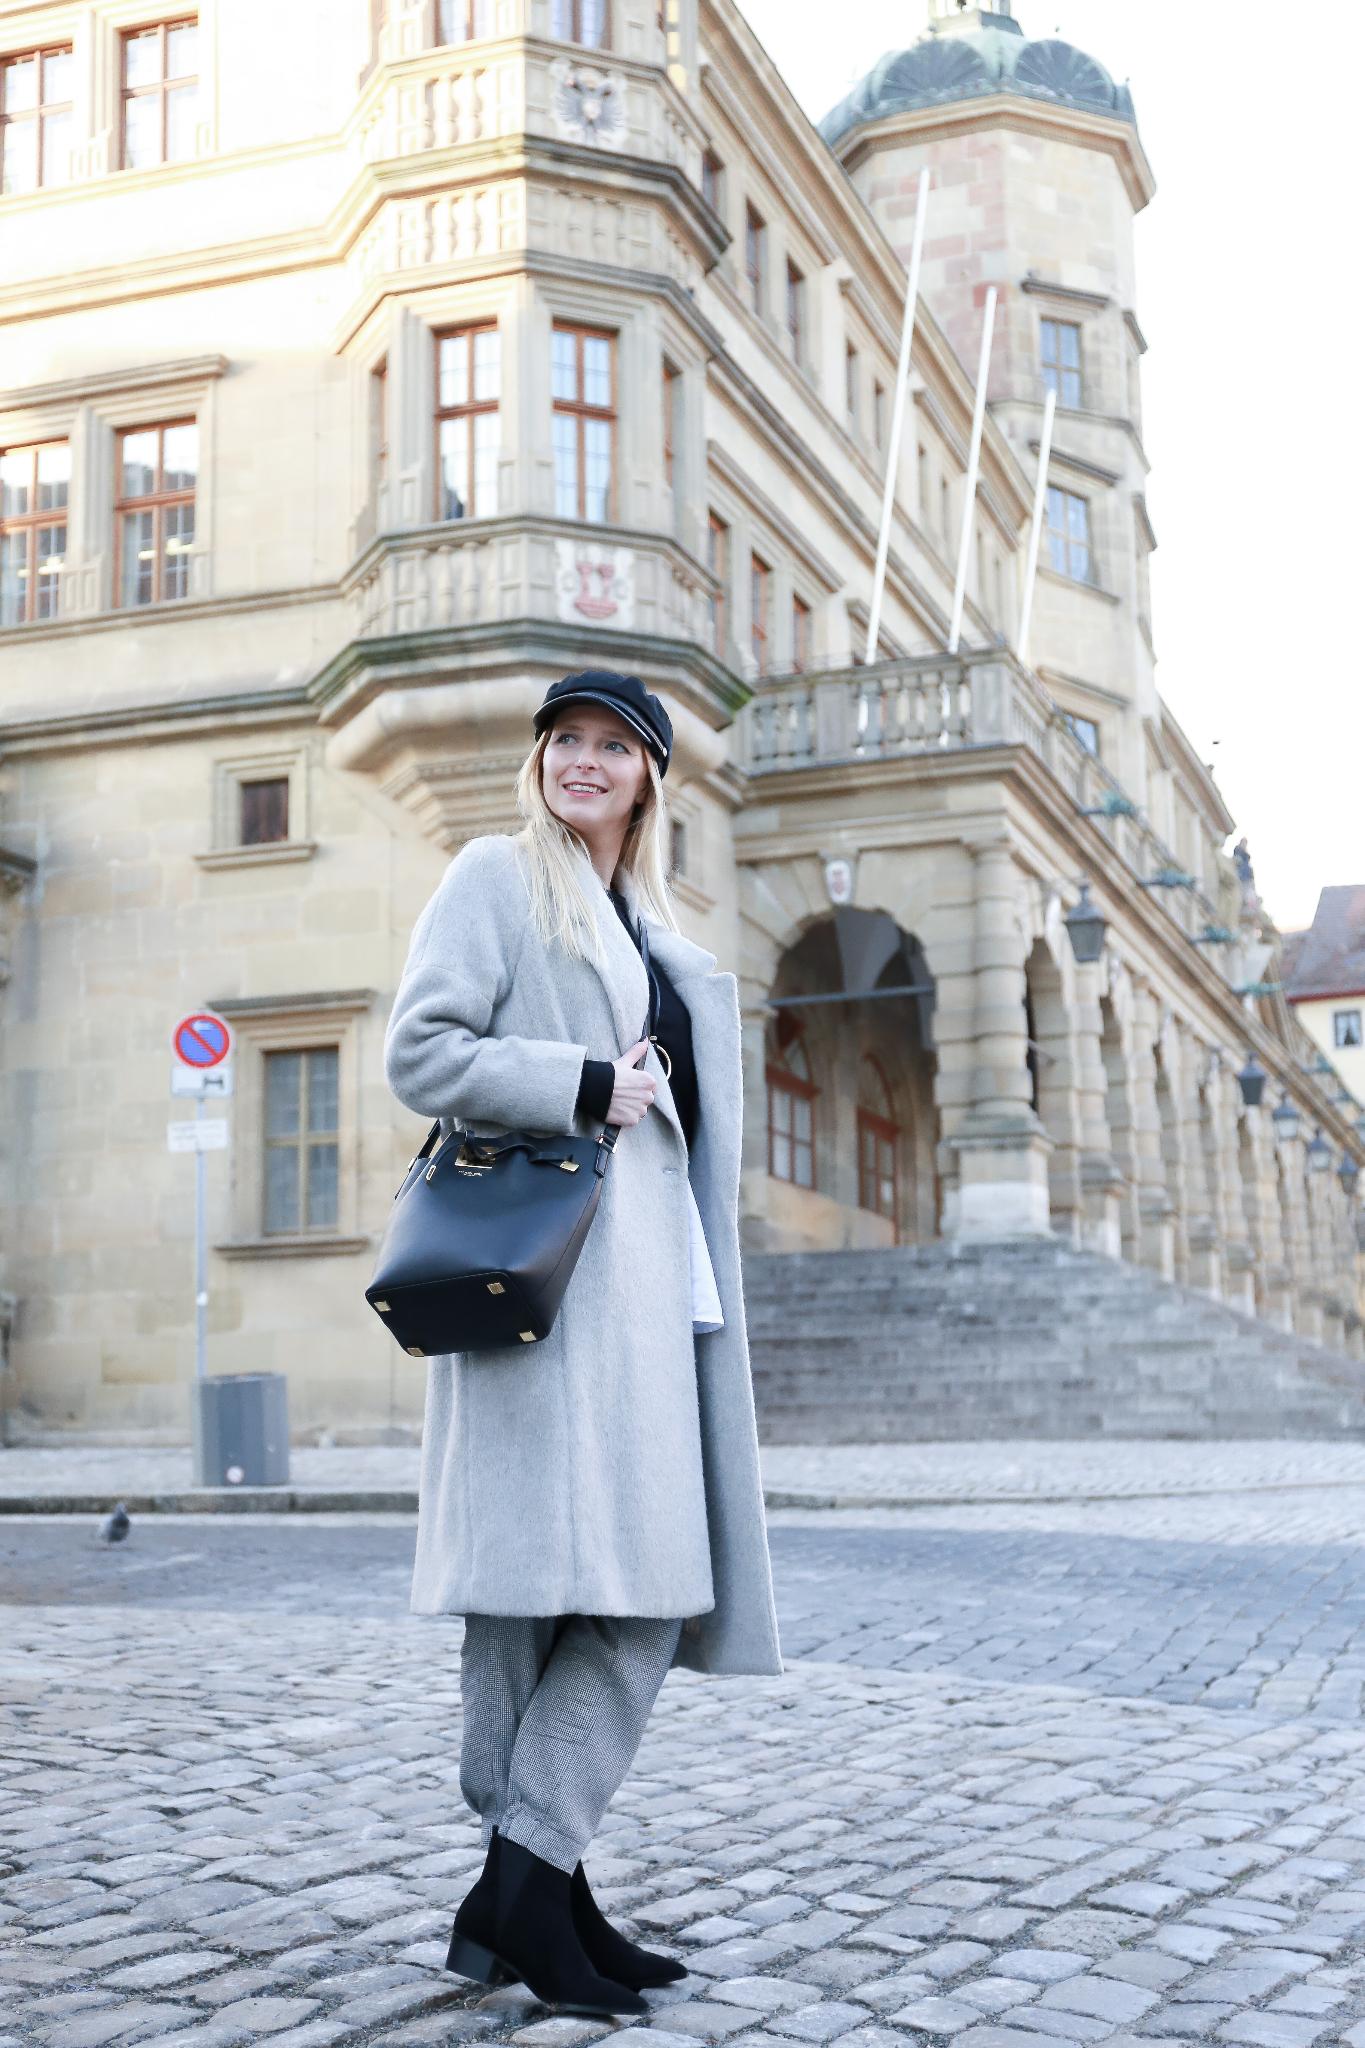 Fashion_Outfit_Michael_Kors_Bucket_Bag-22